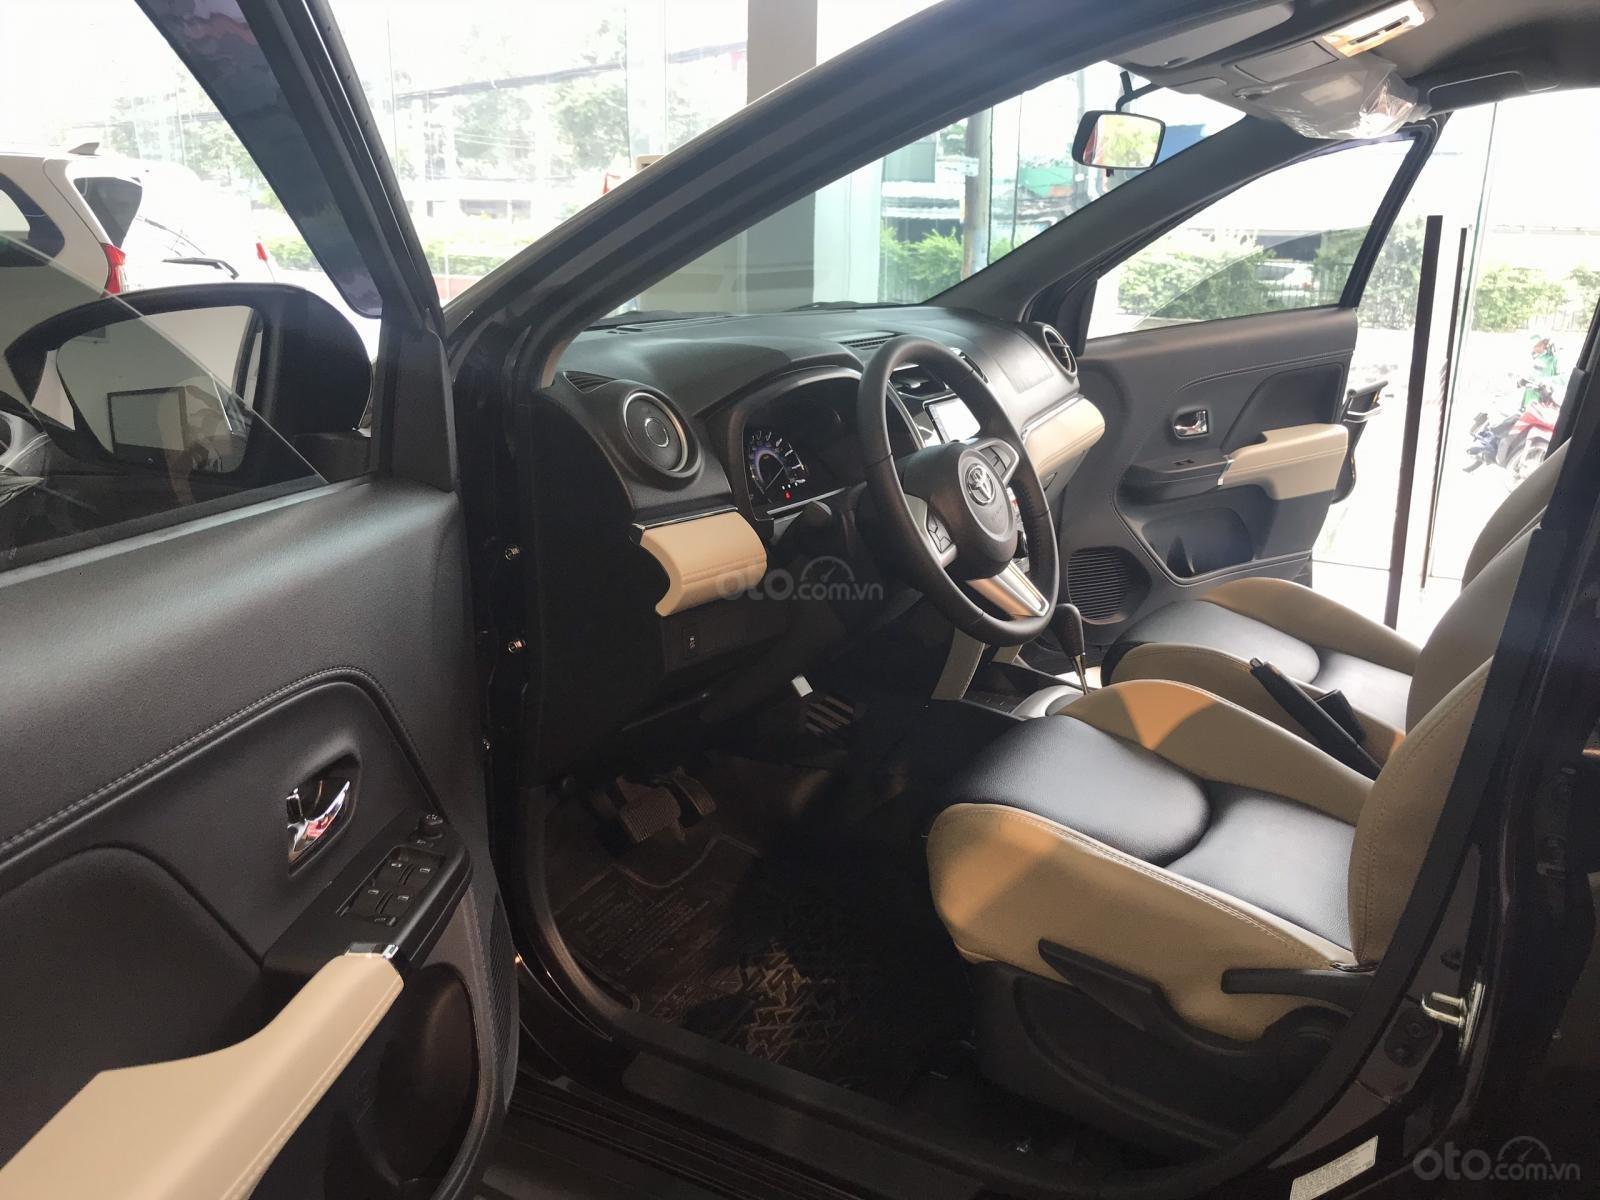 Toyota Rush nhập khẩu nguyên chiếc, khuyến mãi khủng tháng 9/2020, xe đủ màu giao ngay (6)